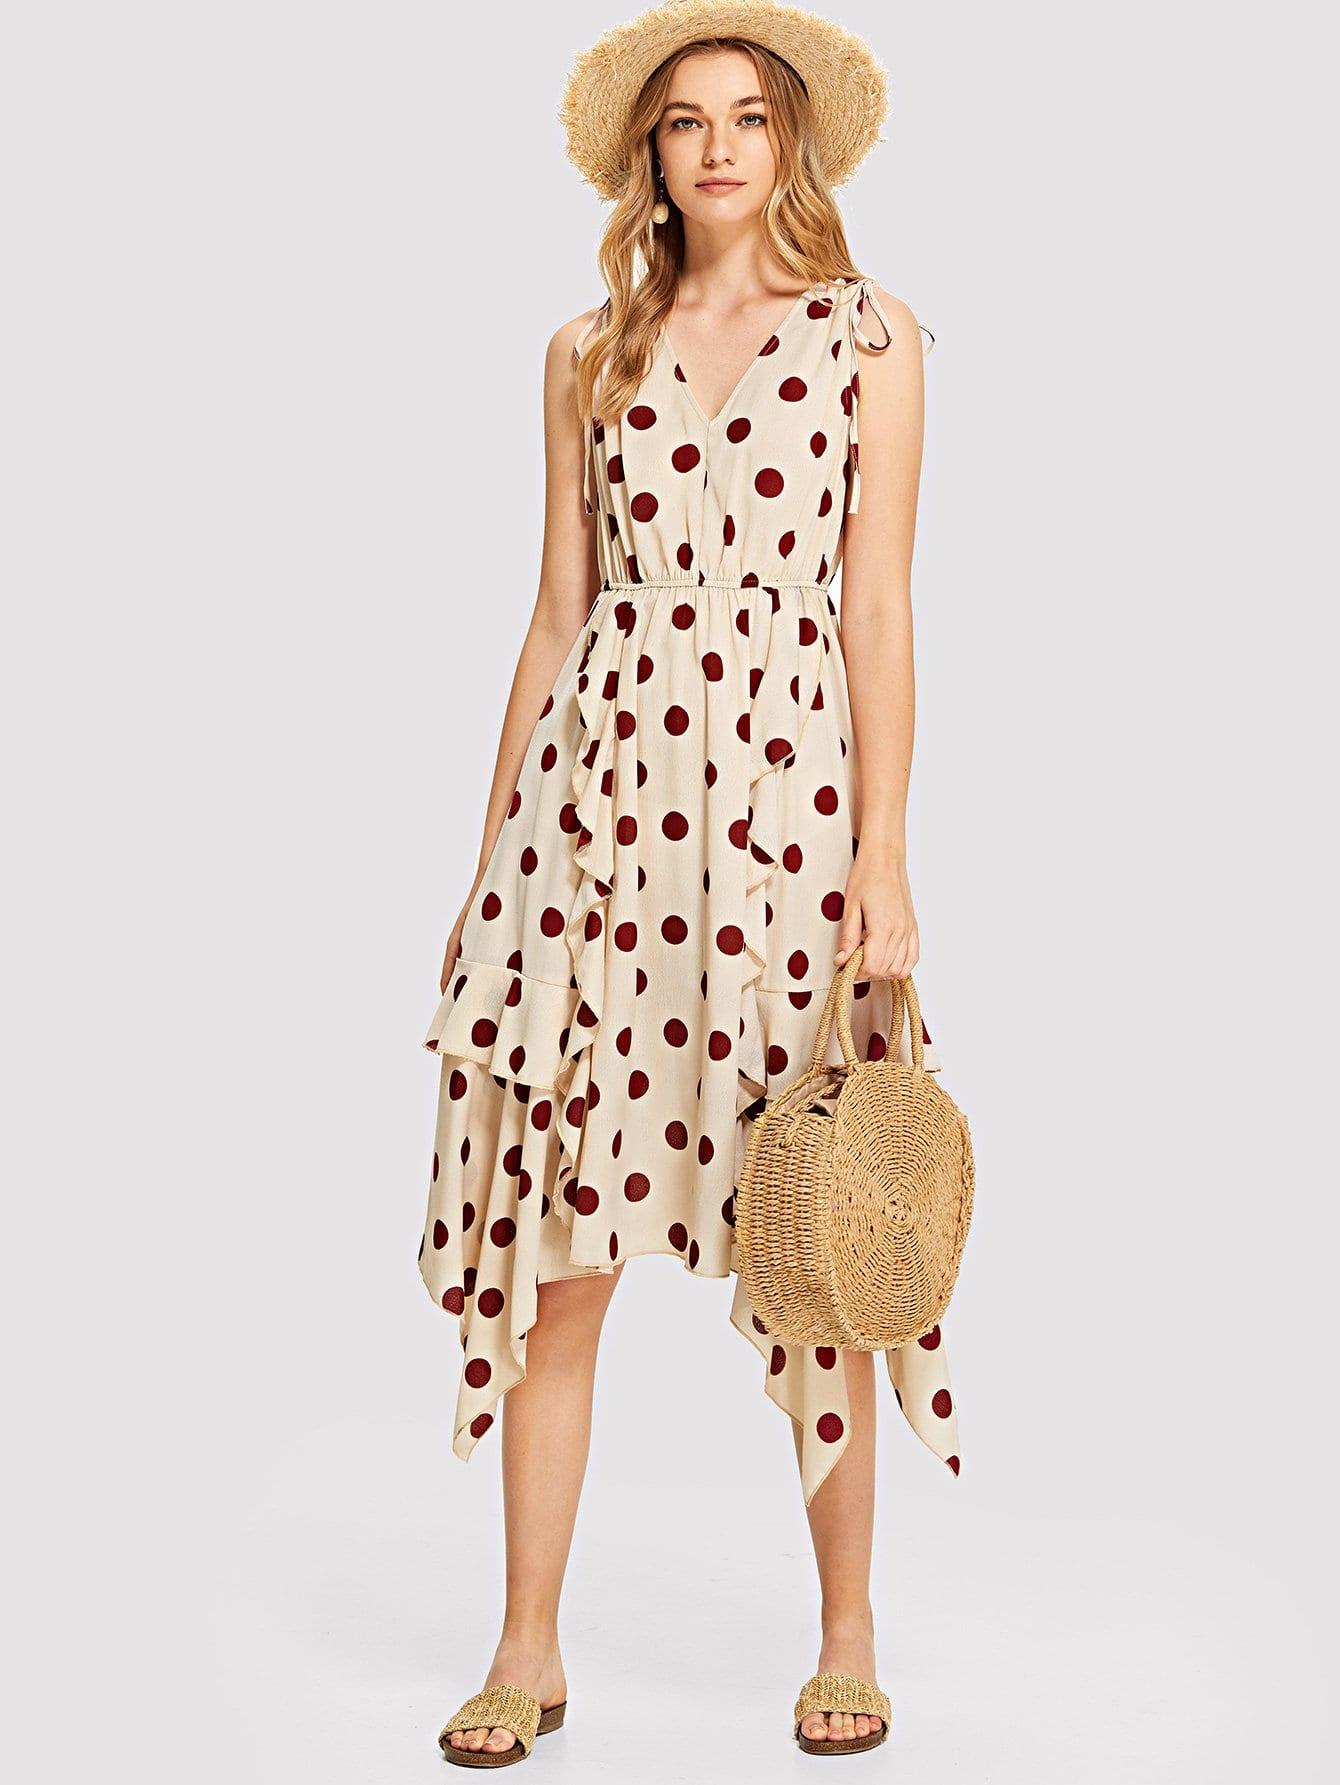 Купить Ассиметричное платье в горошек с оборками, Teresa, SheIn